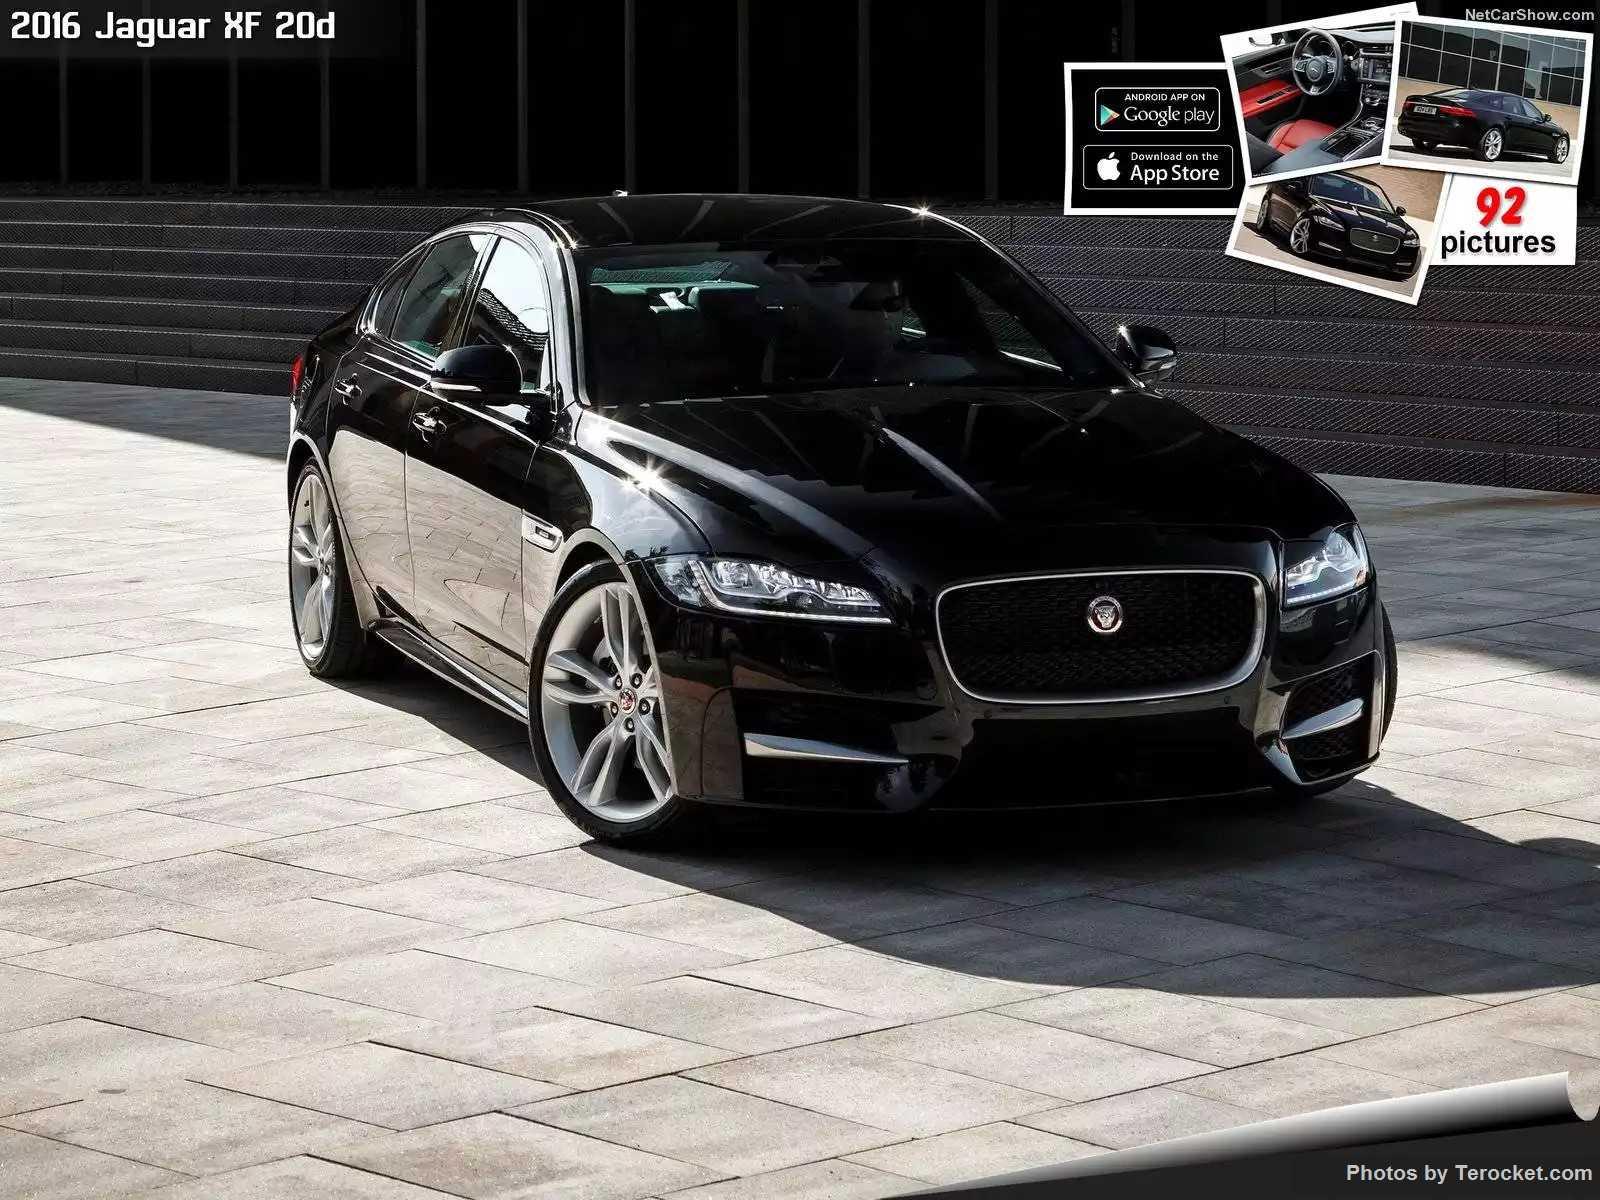 Hình ảnh xe ô tô Jaguar XF 20d 2016 & nội ngoại thất